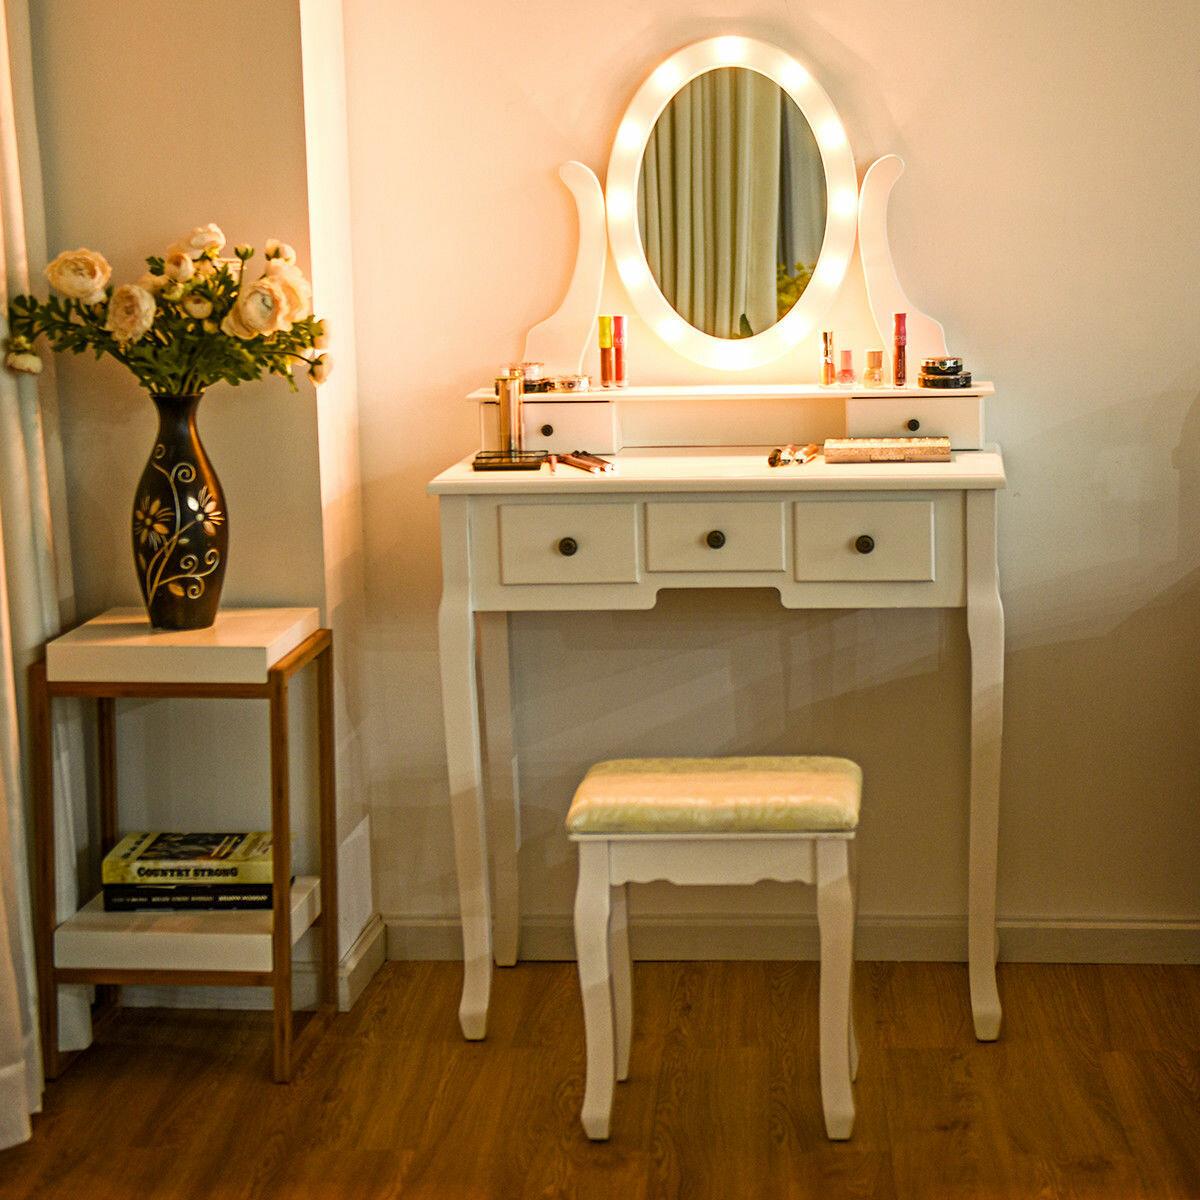 Oldfield 5 Drawer Makeup Vanity Set With Mirror